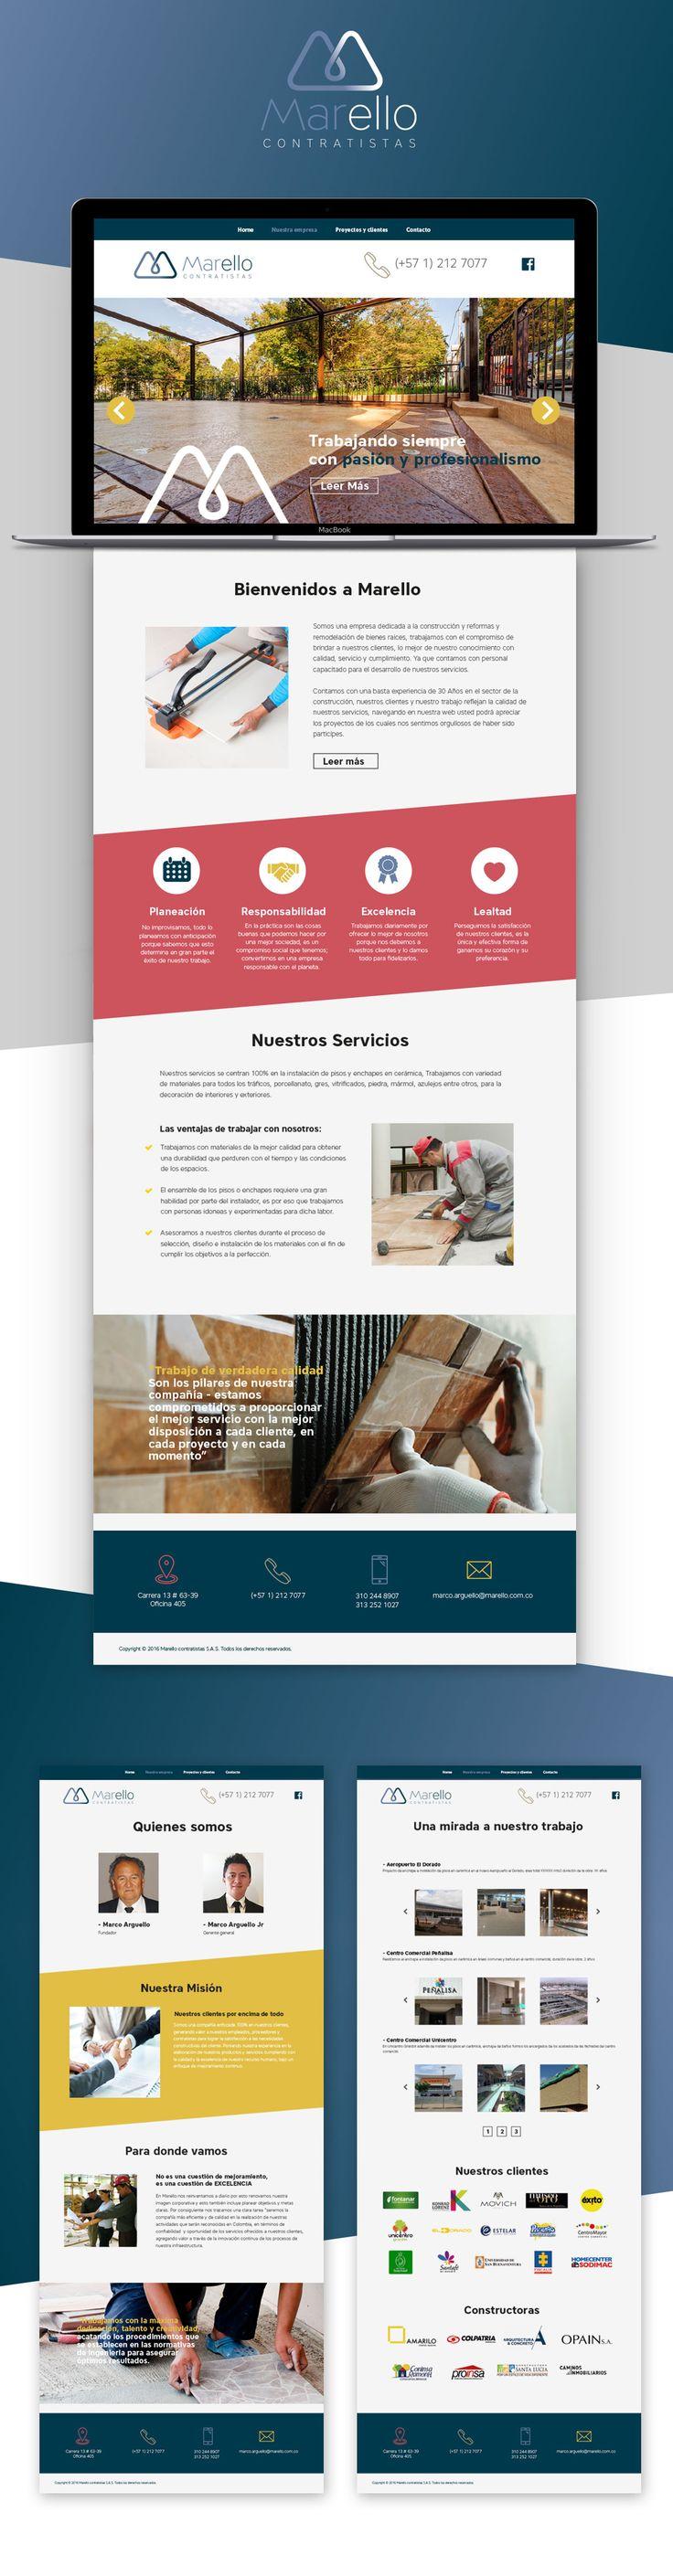 web site Marello.com.co